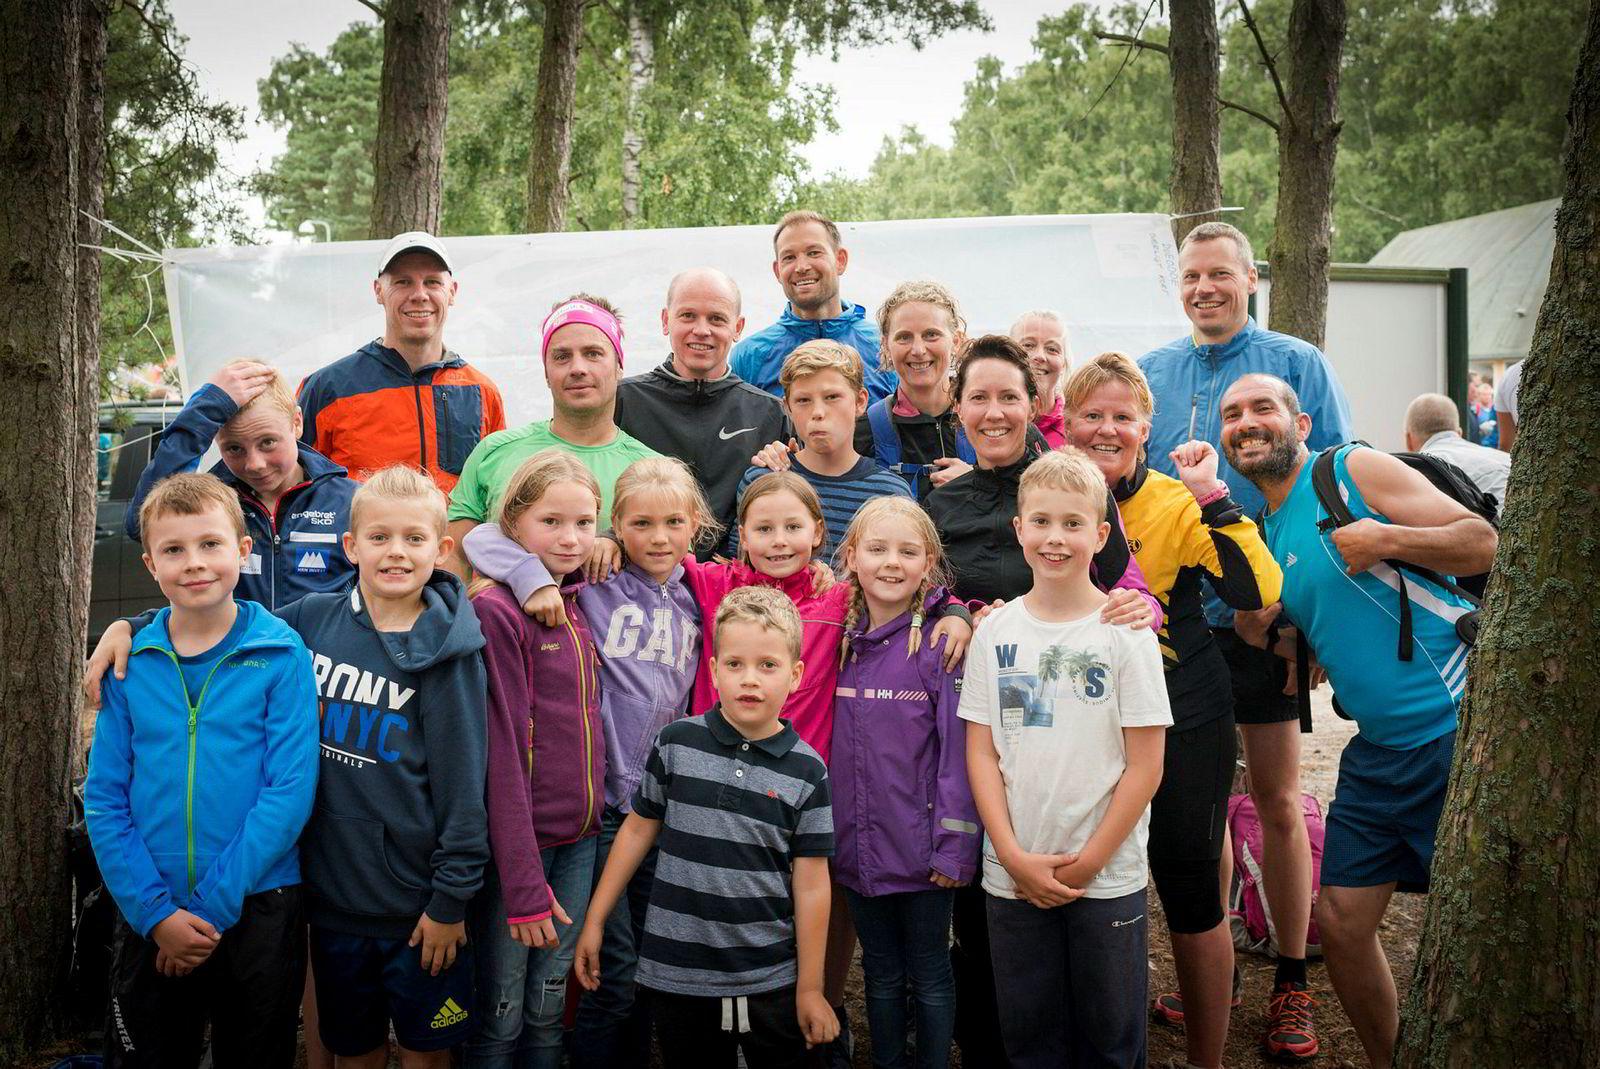 Familiene (nesten) samlet. Fra øverst til venstre: Jon Gerhard Løvendal (41), Håkon Kylland (42), Per Rune Omfjord (45), Christina Sandvand Omfjord (45), Anne Kari Ask Hodneland (38) og Håkon Warloff (43). I rad to: Sebastian Løvendal (13), Kjetil Ask Hodneland (40), Daniel Sandvand Omfjord (13), Kristin Arnesen (41), Mette Meinke Justad (43), en ukjent og blid mann som snek seg med på bildet. Foran: Sondre August Løvendal (10), Ørjan Ask Hodneland (11), Tuva Meinke Kylland (11), Solveig Sandvand Omfjord (10), Erle Meinke Kylland (8), Anna Ask Hodneland (8), Theodor Warloff (9). Helt fremst: Sigurd Warloff (6). Hvor Rhine Løvendal (41) var da bildet ble tatt, er vanskelig å si. Trolig tok hun massasje.